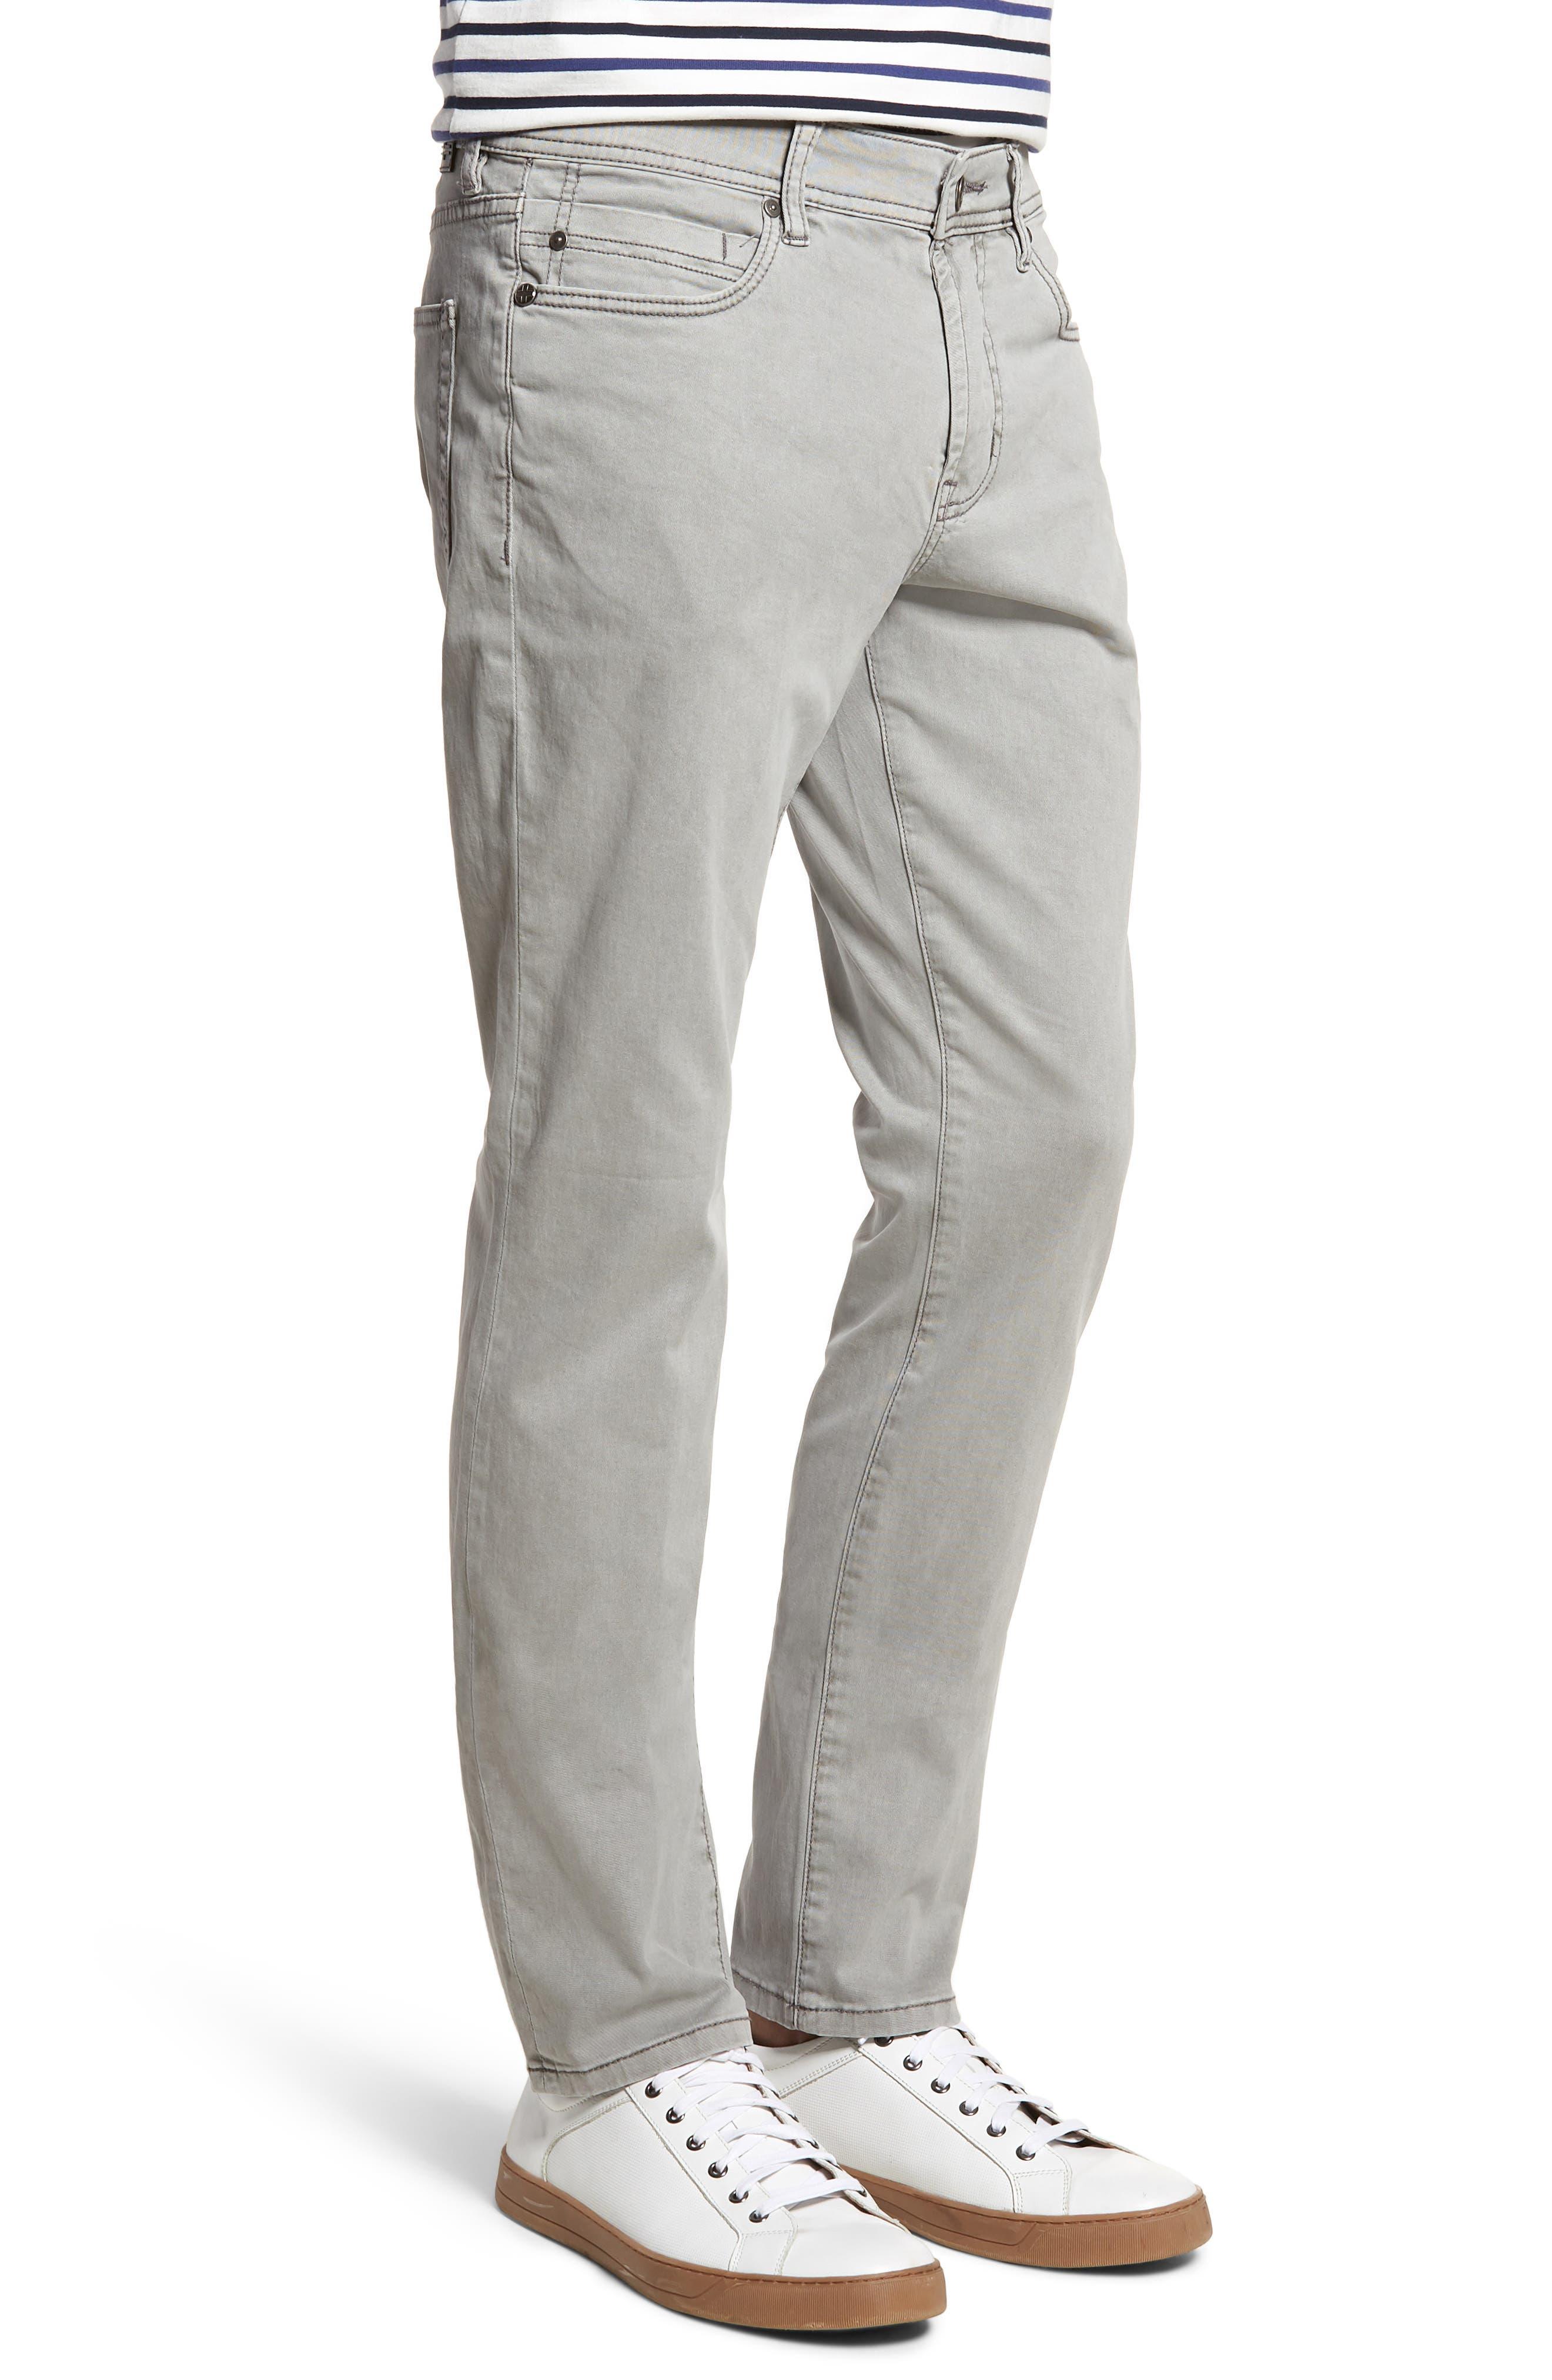 Jeans Co. Slim Straight Leg Jeans,                             Alternate thumbnail 3, color,                             Sharkskin